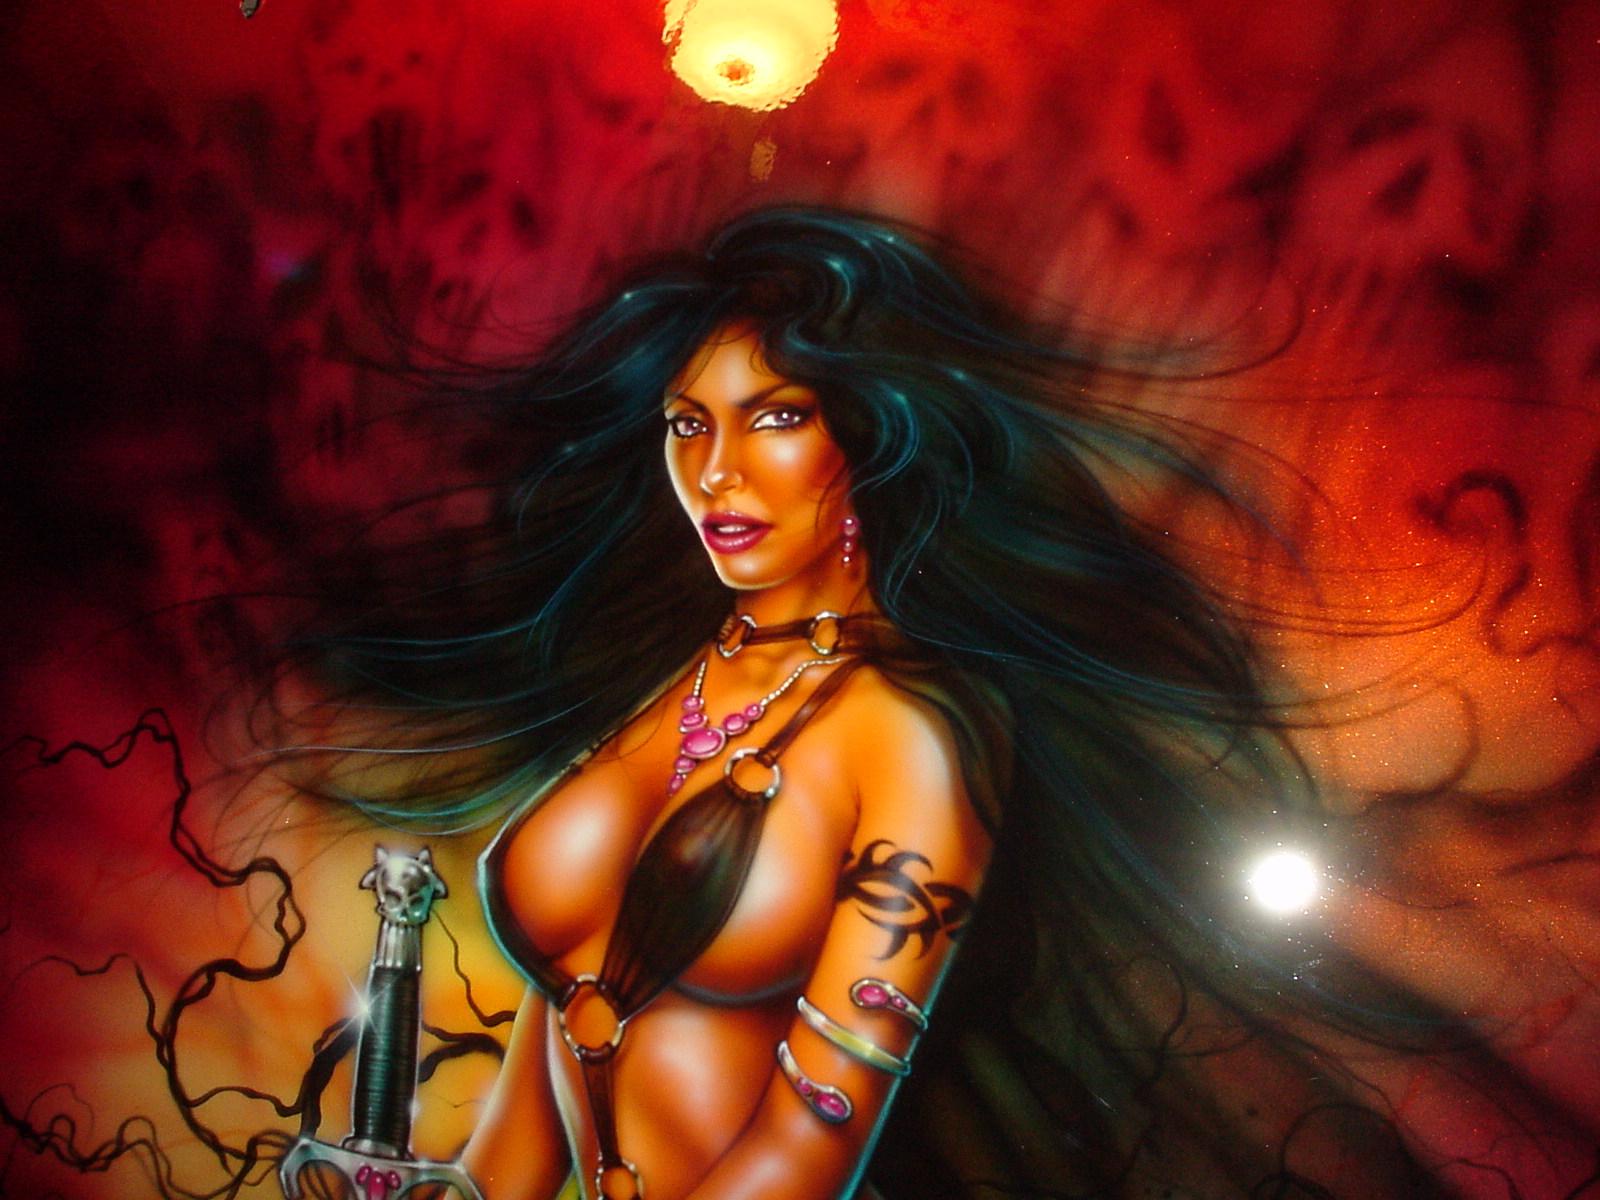 tattoogirl2